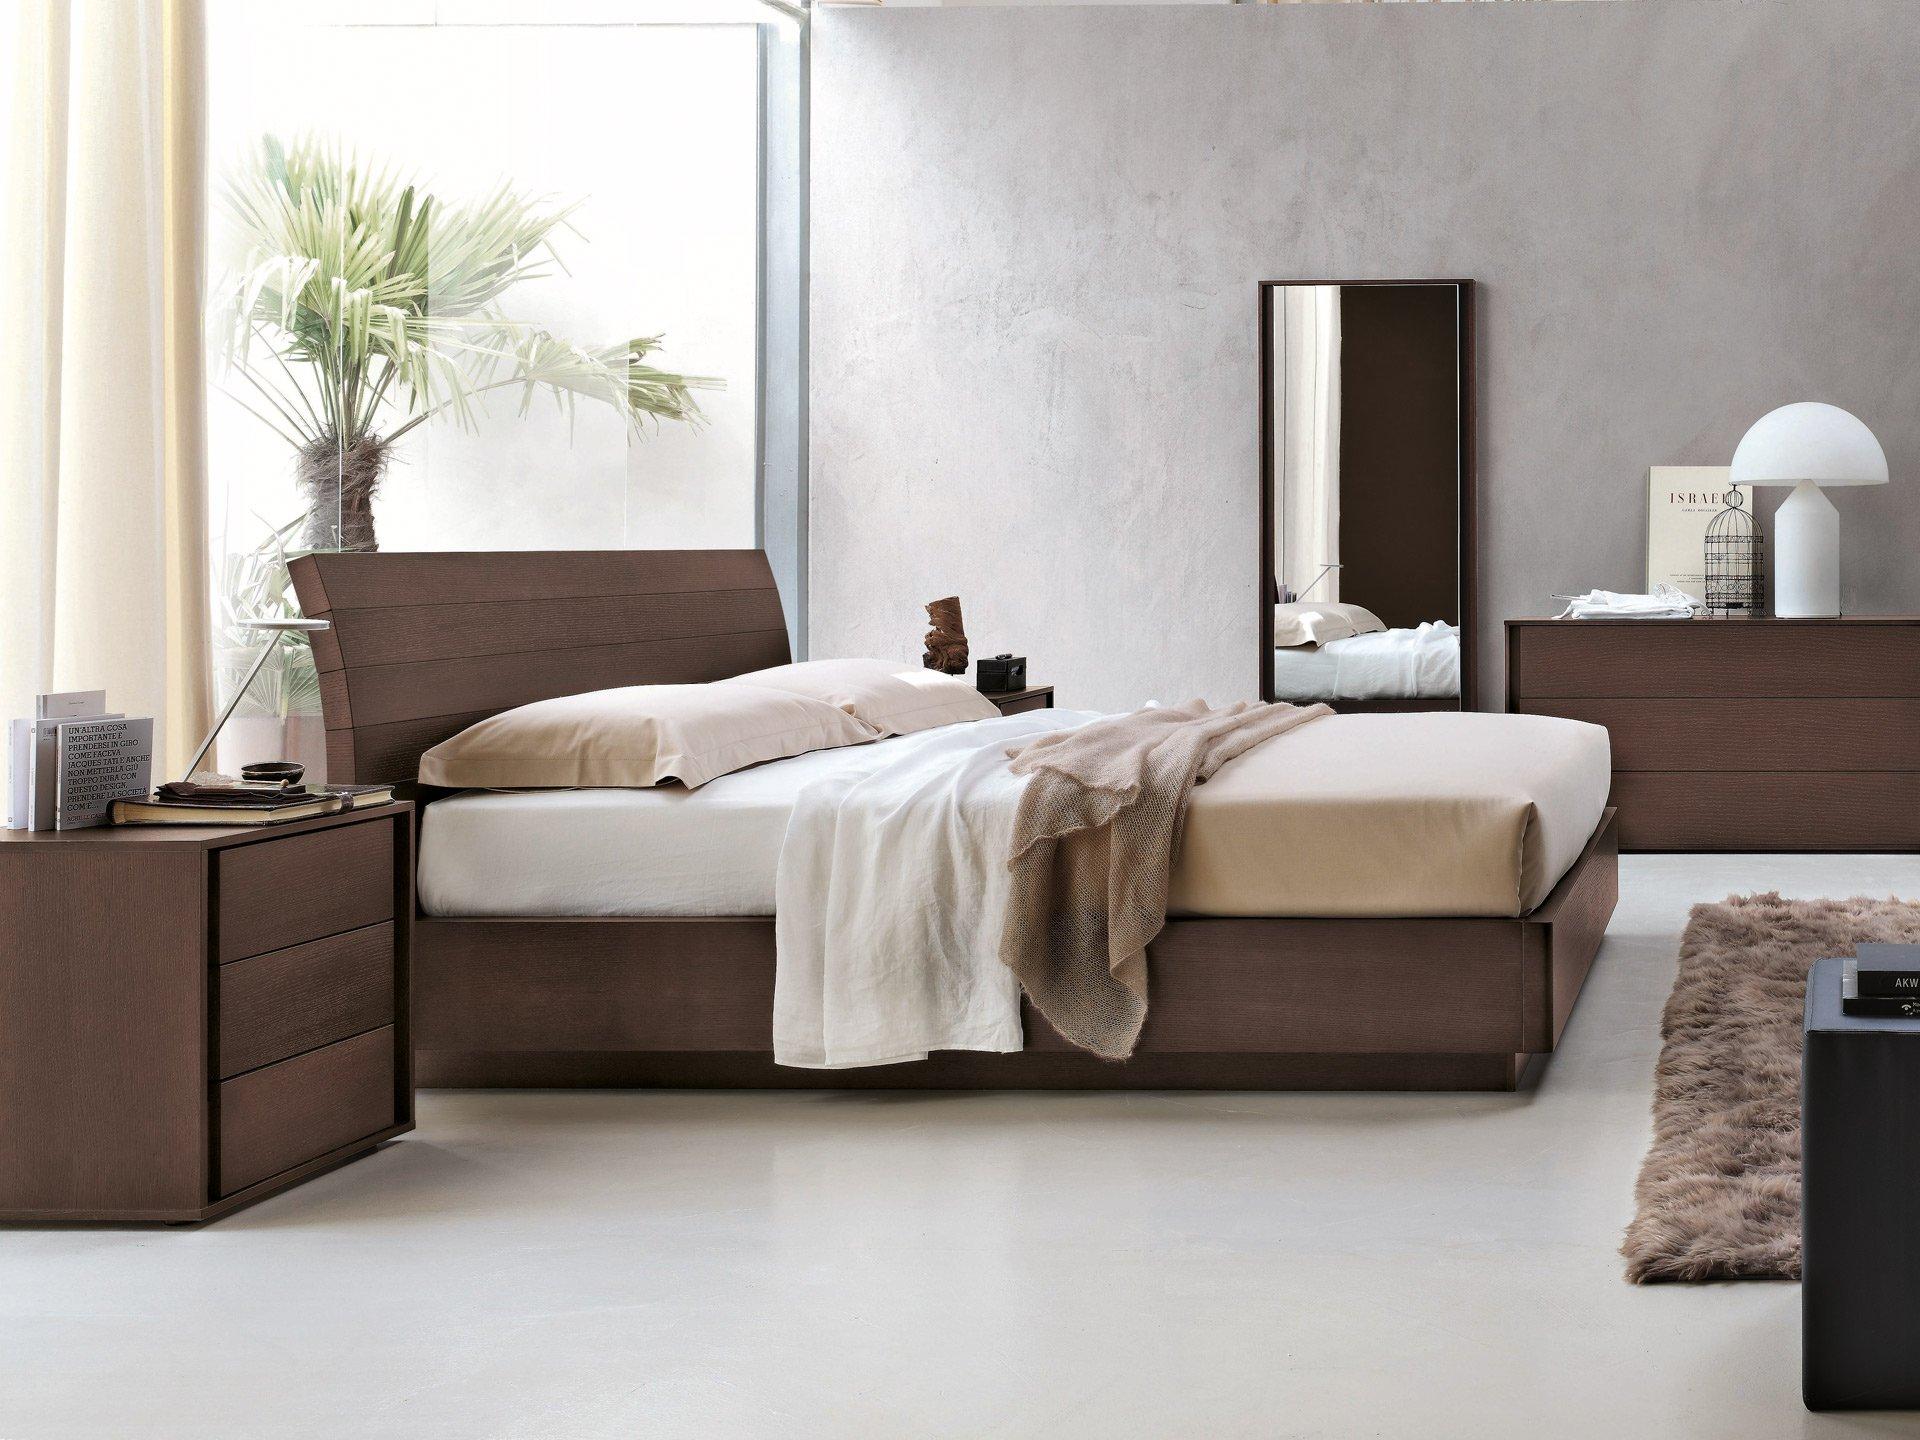 Tomasella vip mobilia group divani cucine e for Mobilia cucine